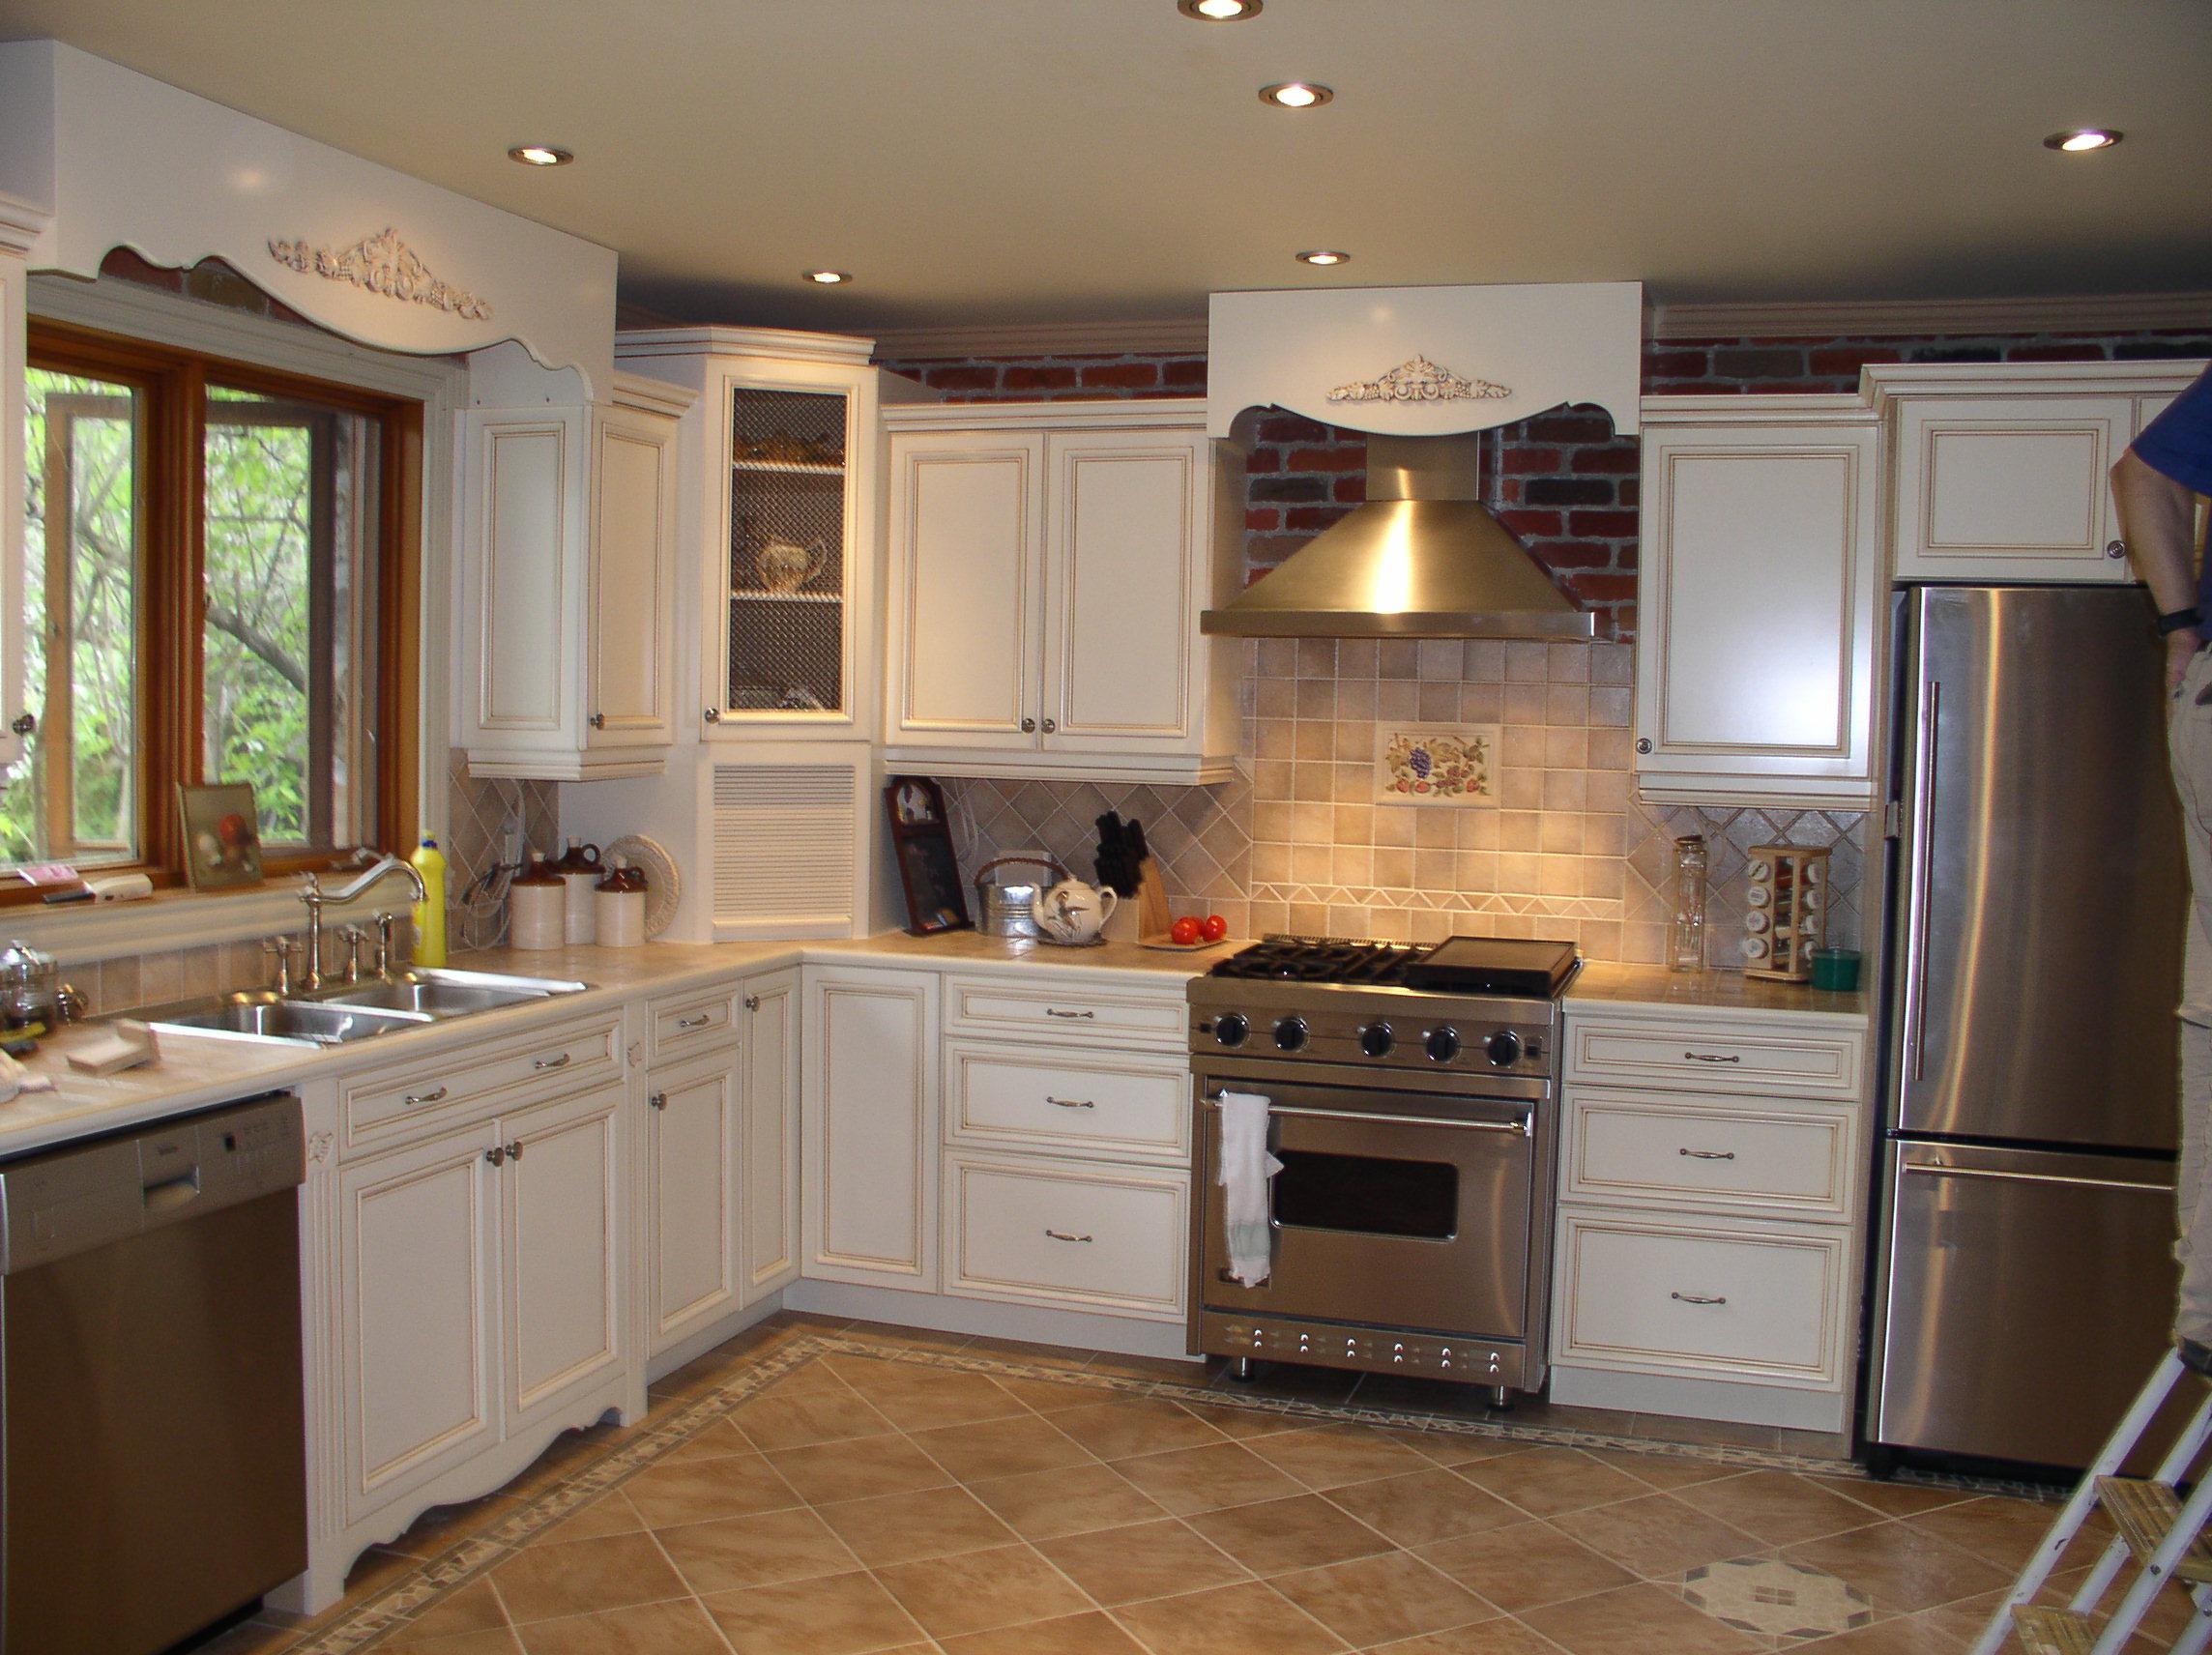 Clipart kitchen kitchen remodel, Clipart kitchen kitchen ...